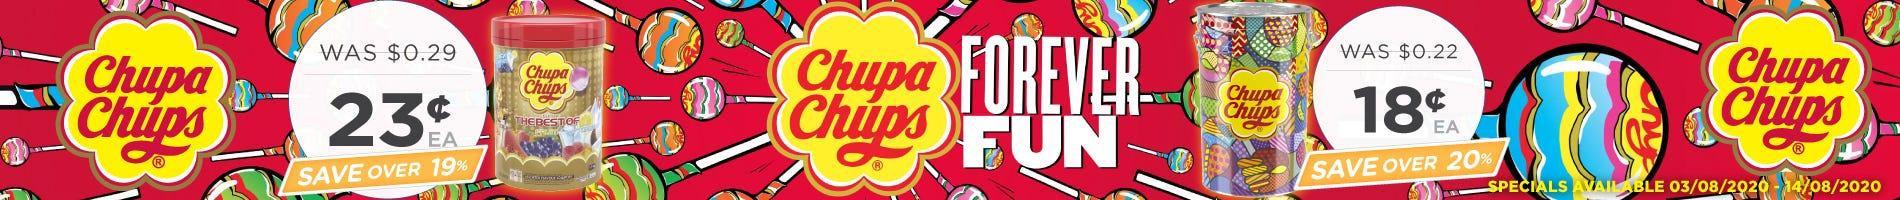 Click to Shop Chupa Chups